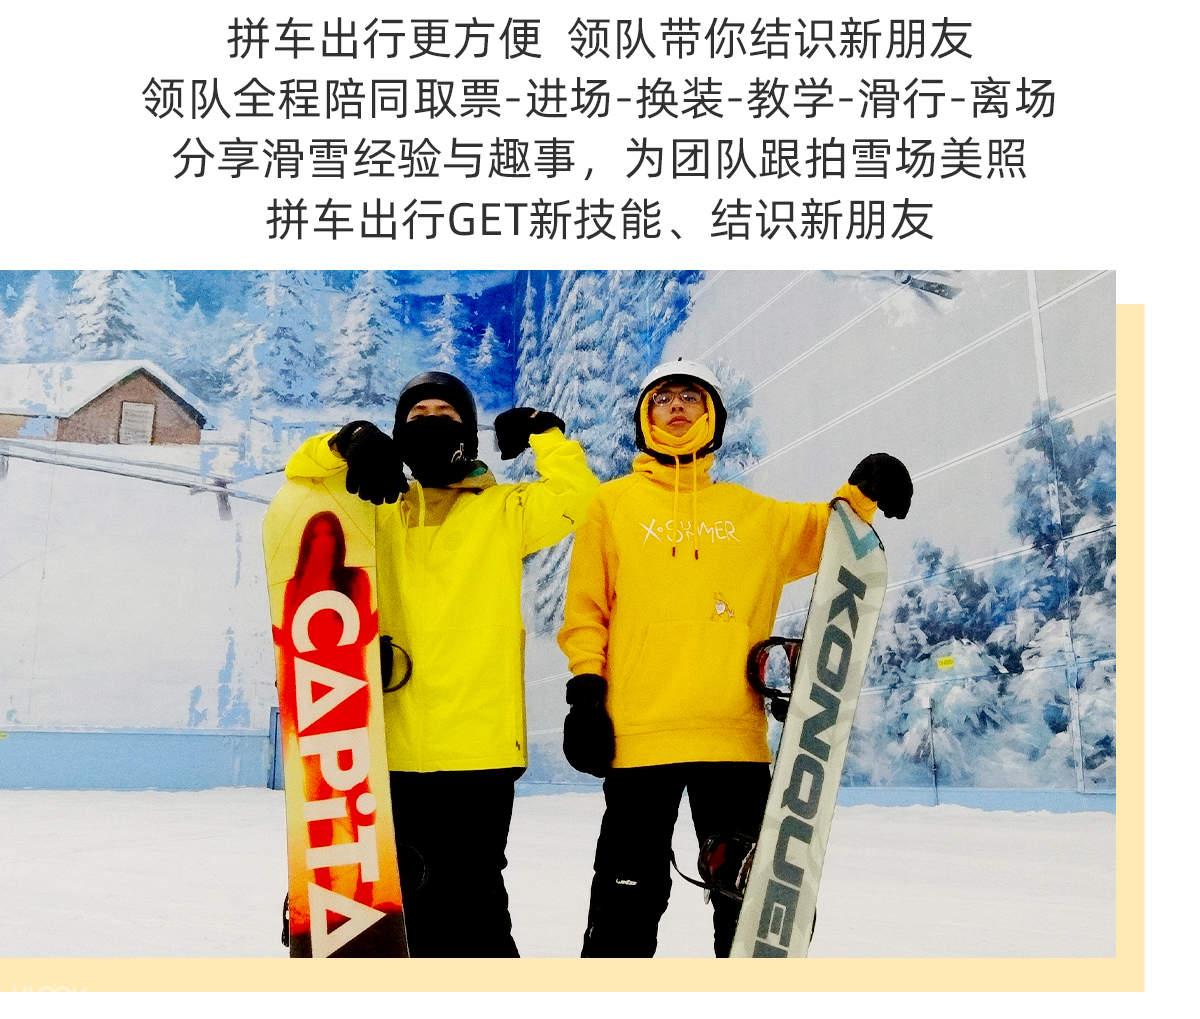 广州融创单板滑雪派对合照